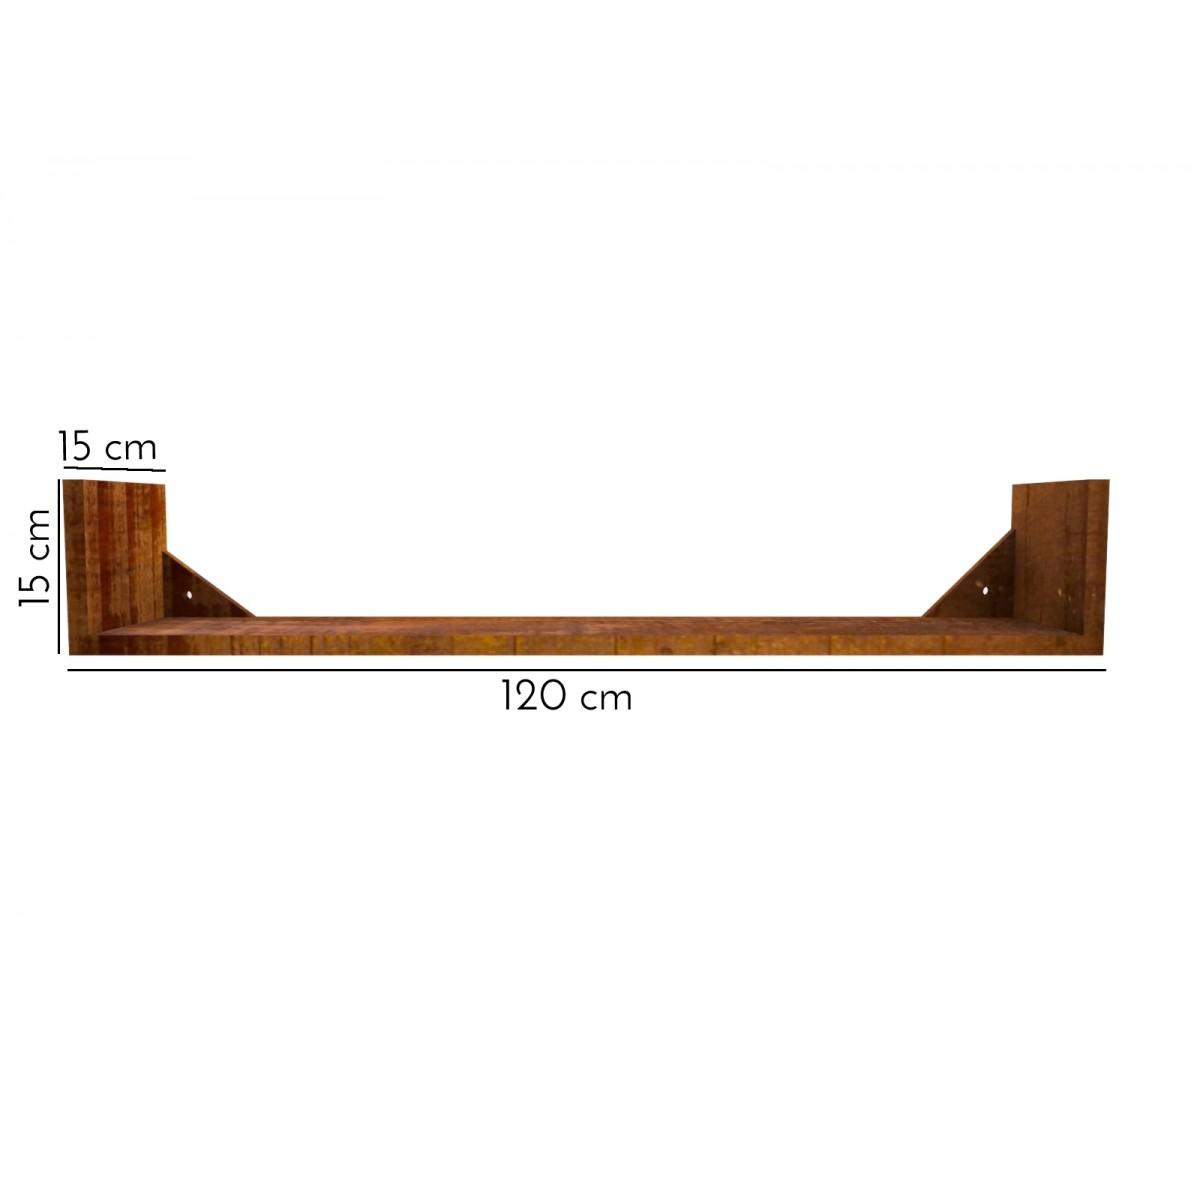 Prateleira Modelo U 120x15x15 Madeira De Demolição